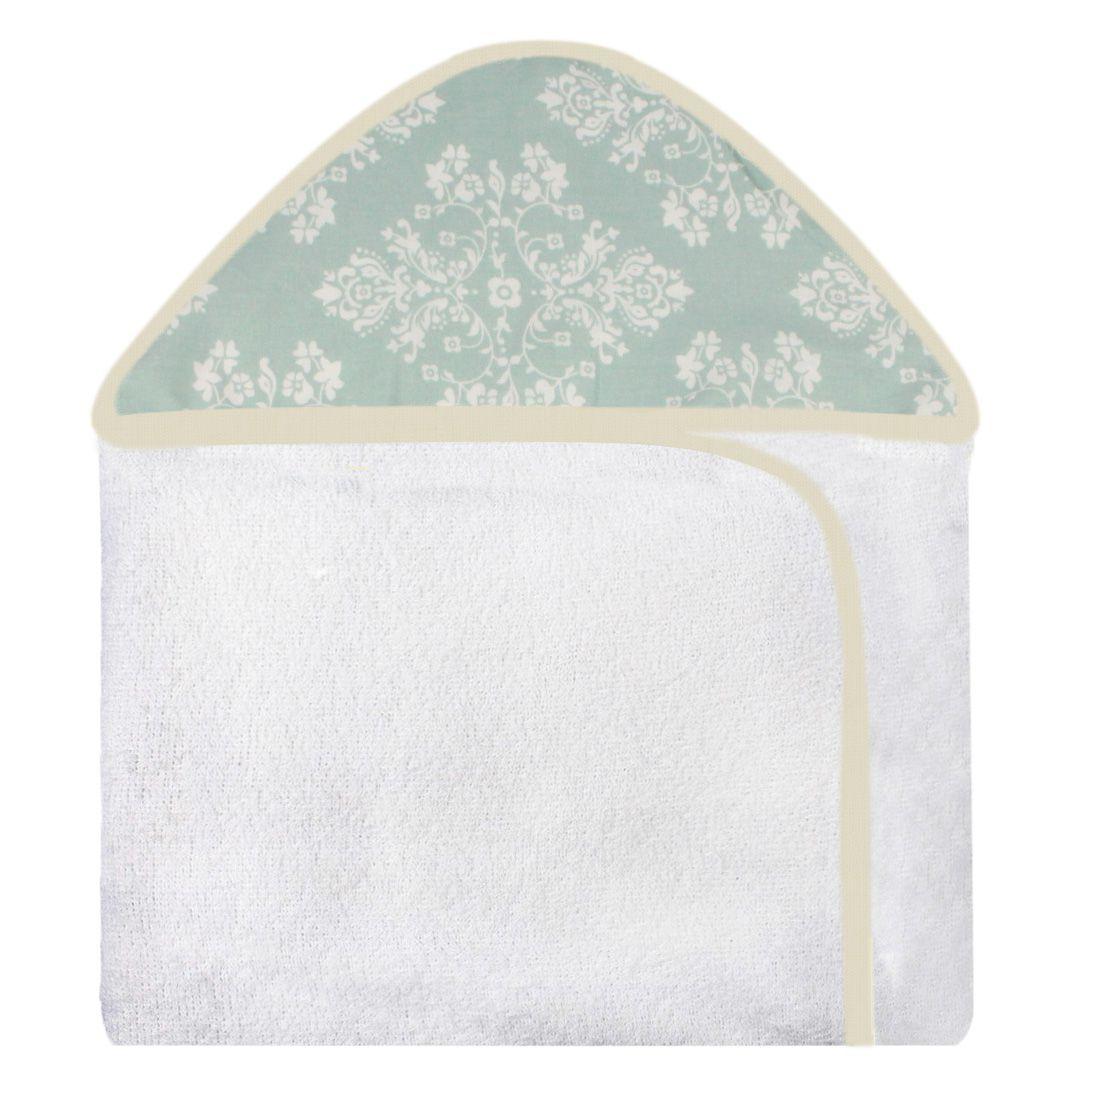 Toalha de Banho c/ Capuz Estampado - Provençal Verde